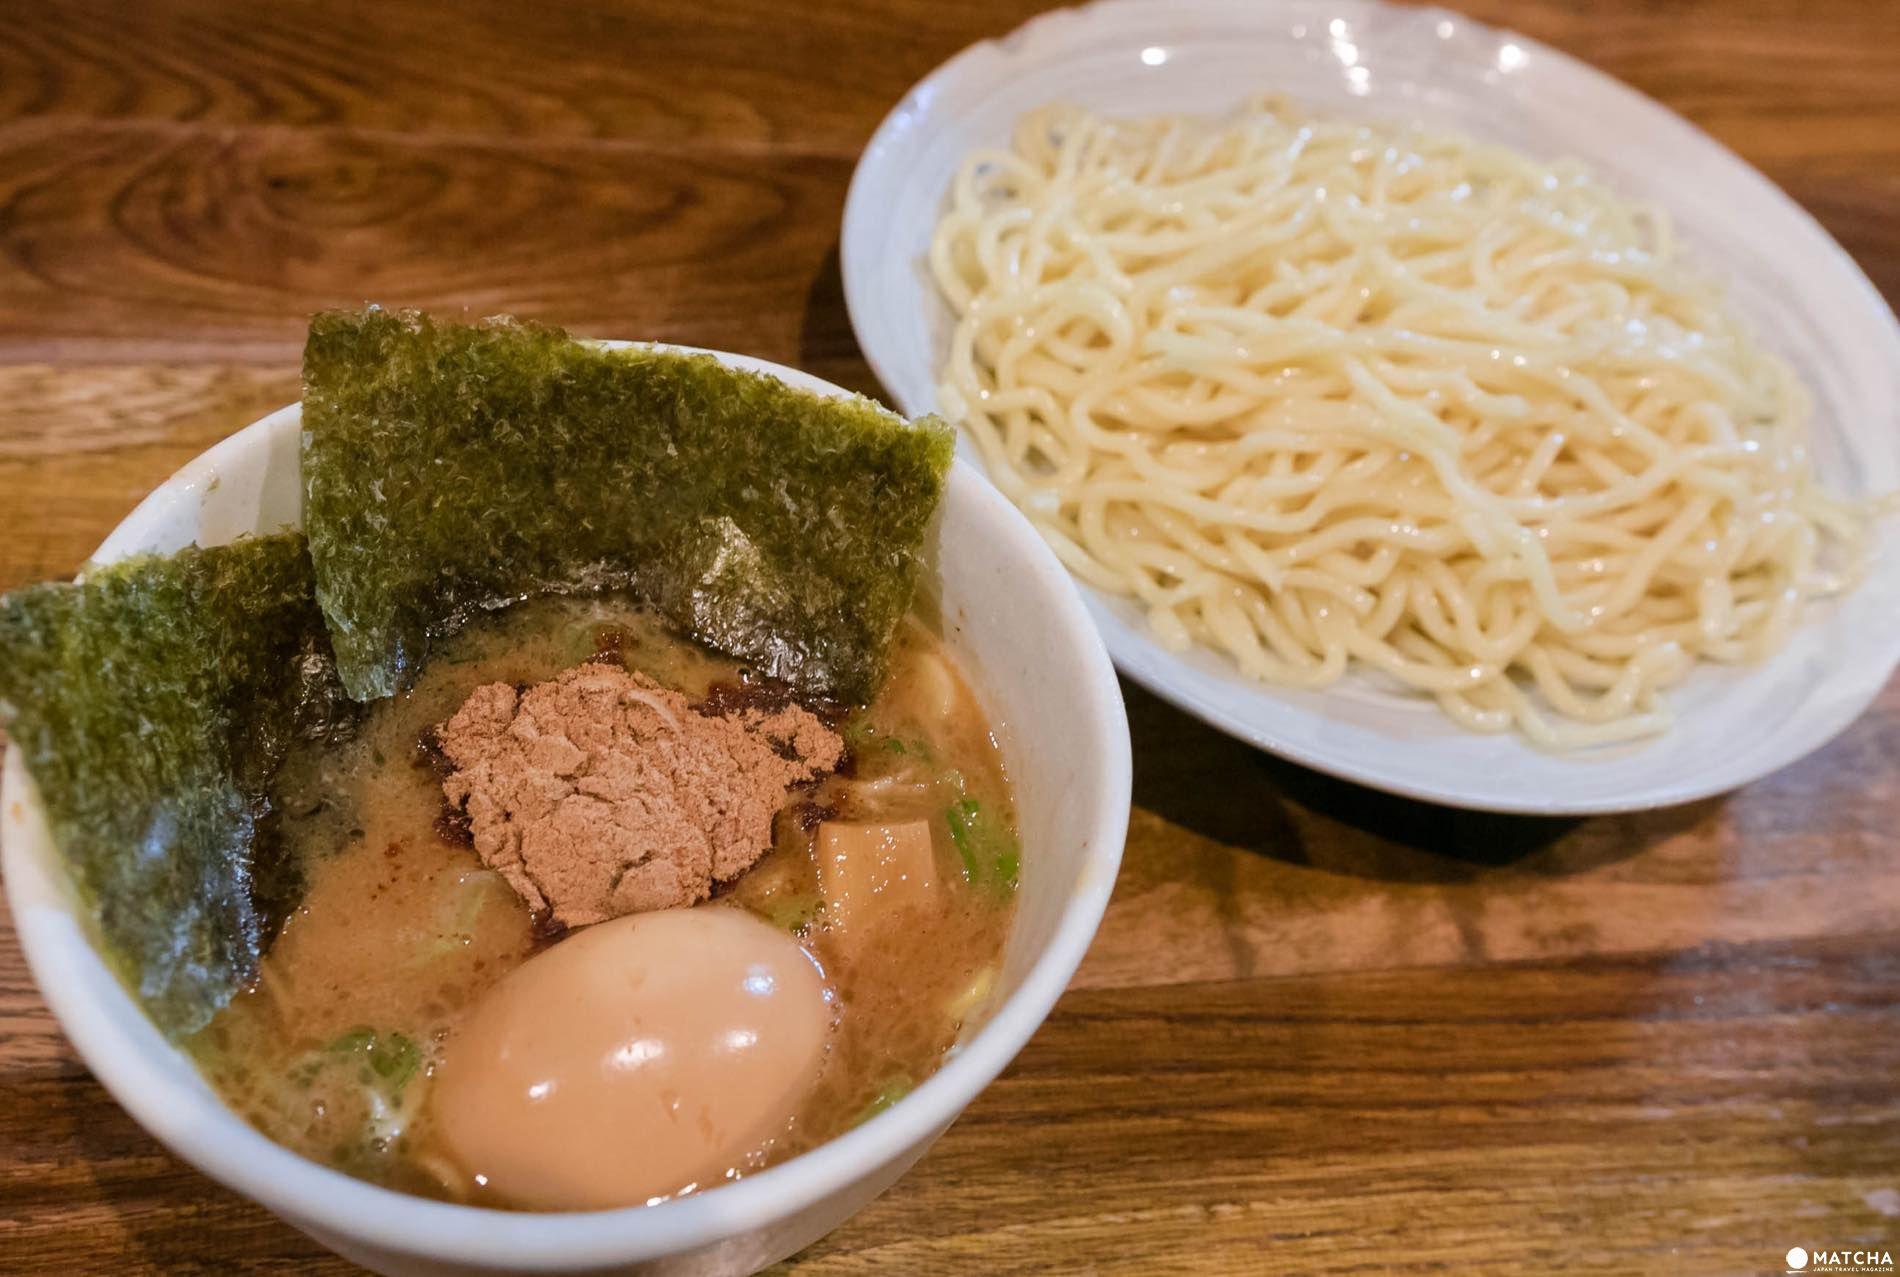 風雲児の得製つけ麺大盛り¥1000は、濃厚な鶏白湯スープに魚介のパンチが効いた味わい。麺との絡みも抜群で旨い。